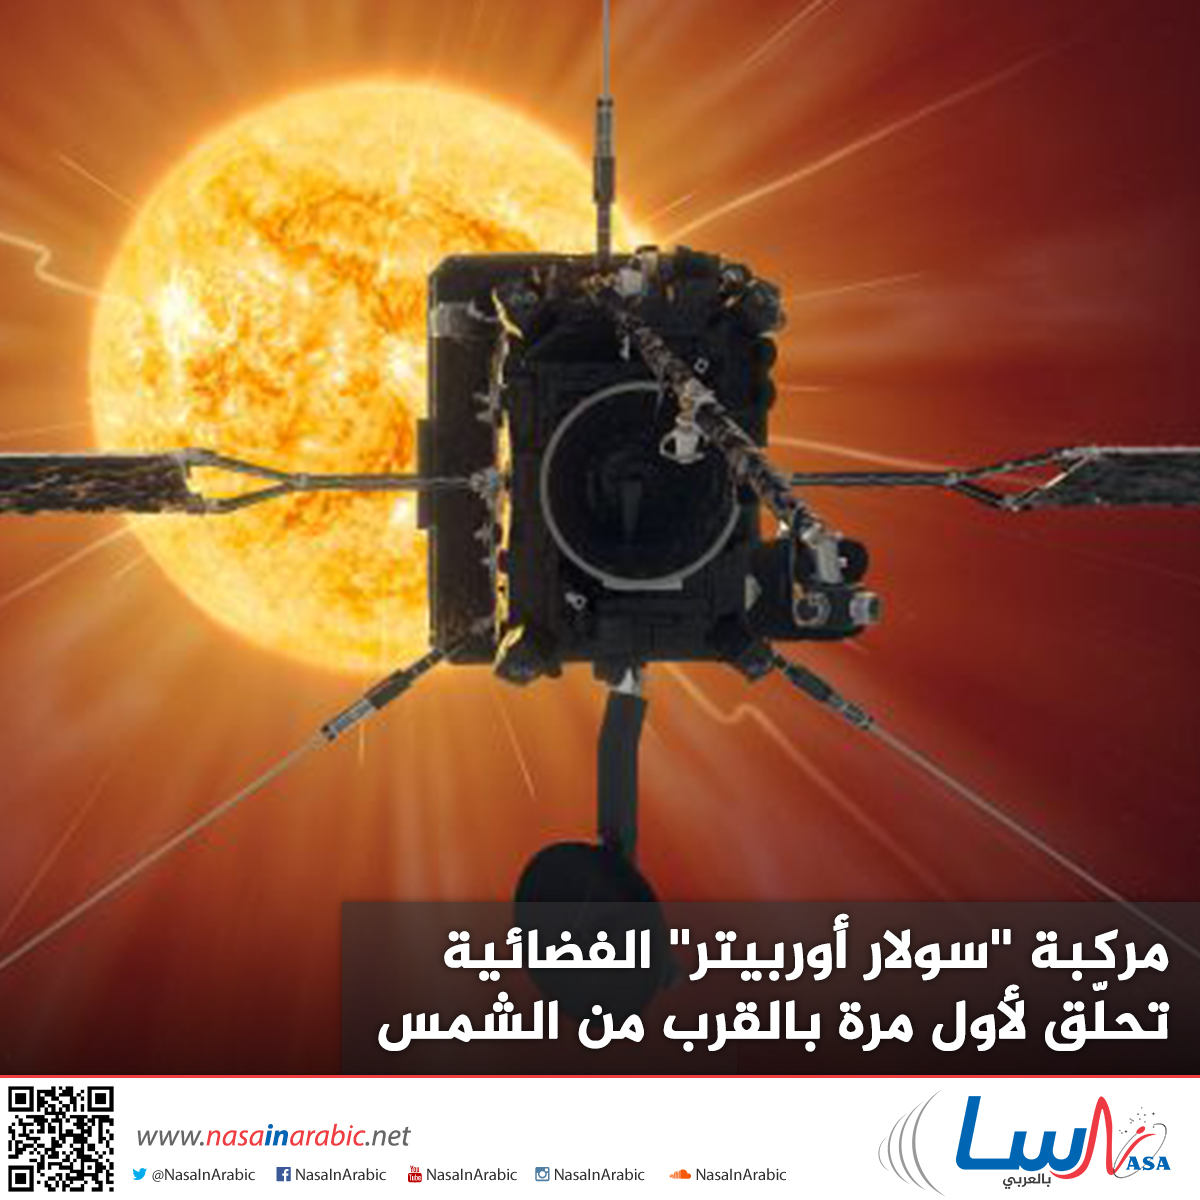 مركبة ''سولار أوربيتر'' الفضائية تحلّق لأول مرة بالقرب من الشمس